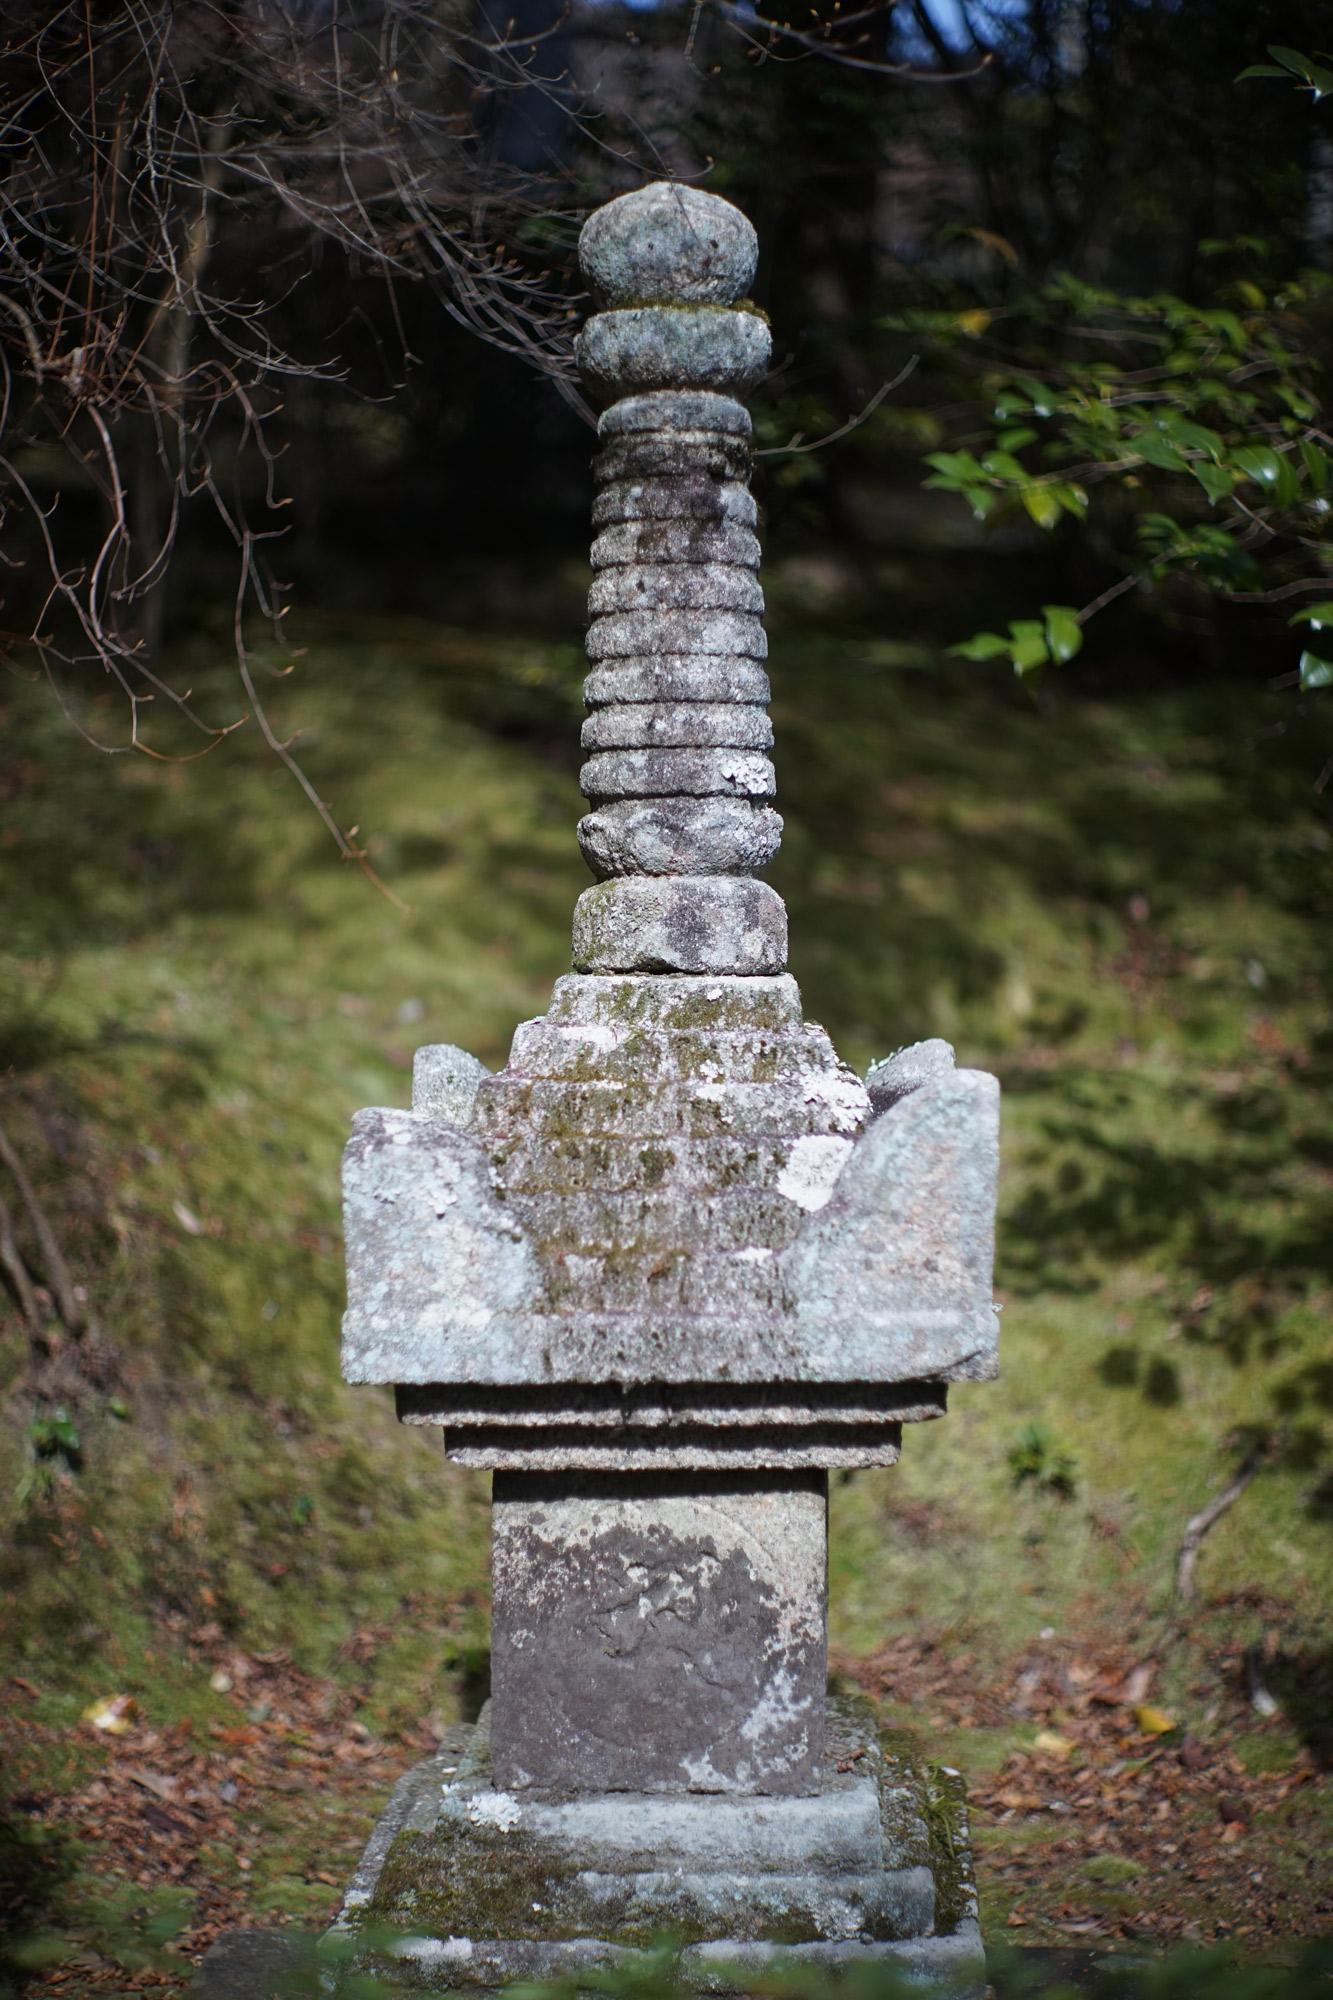 松澤穣暮らしを映すカメラ今月の3題 供養塔